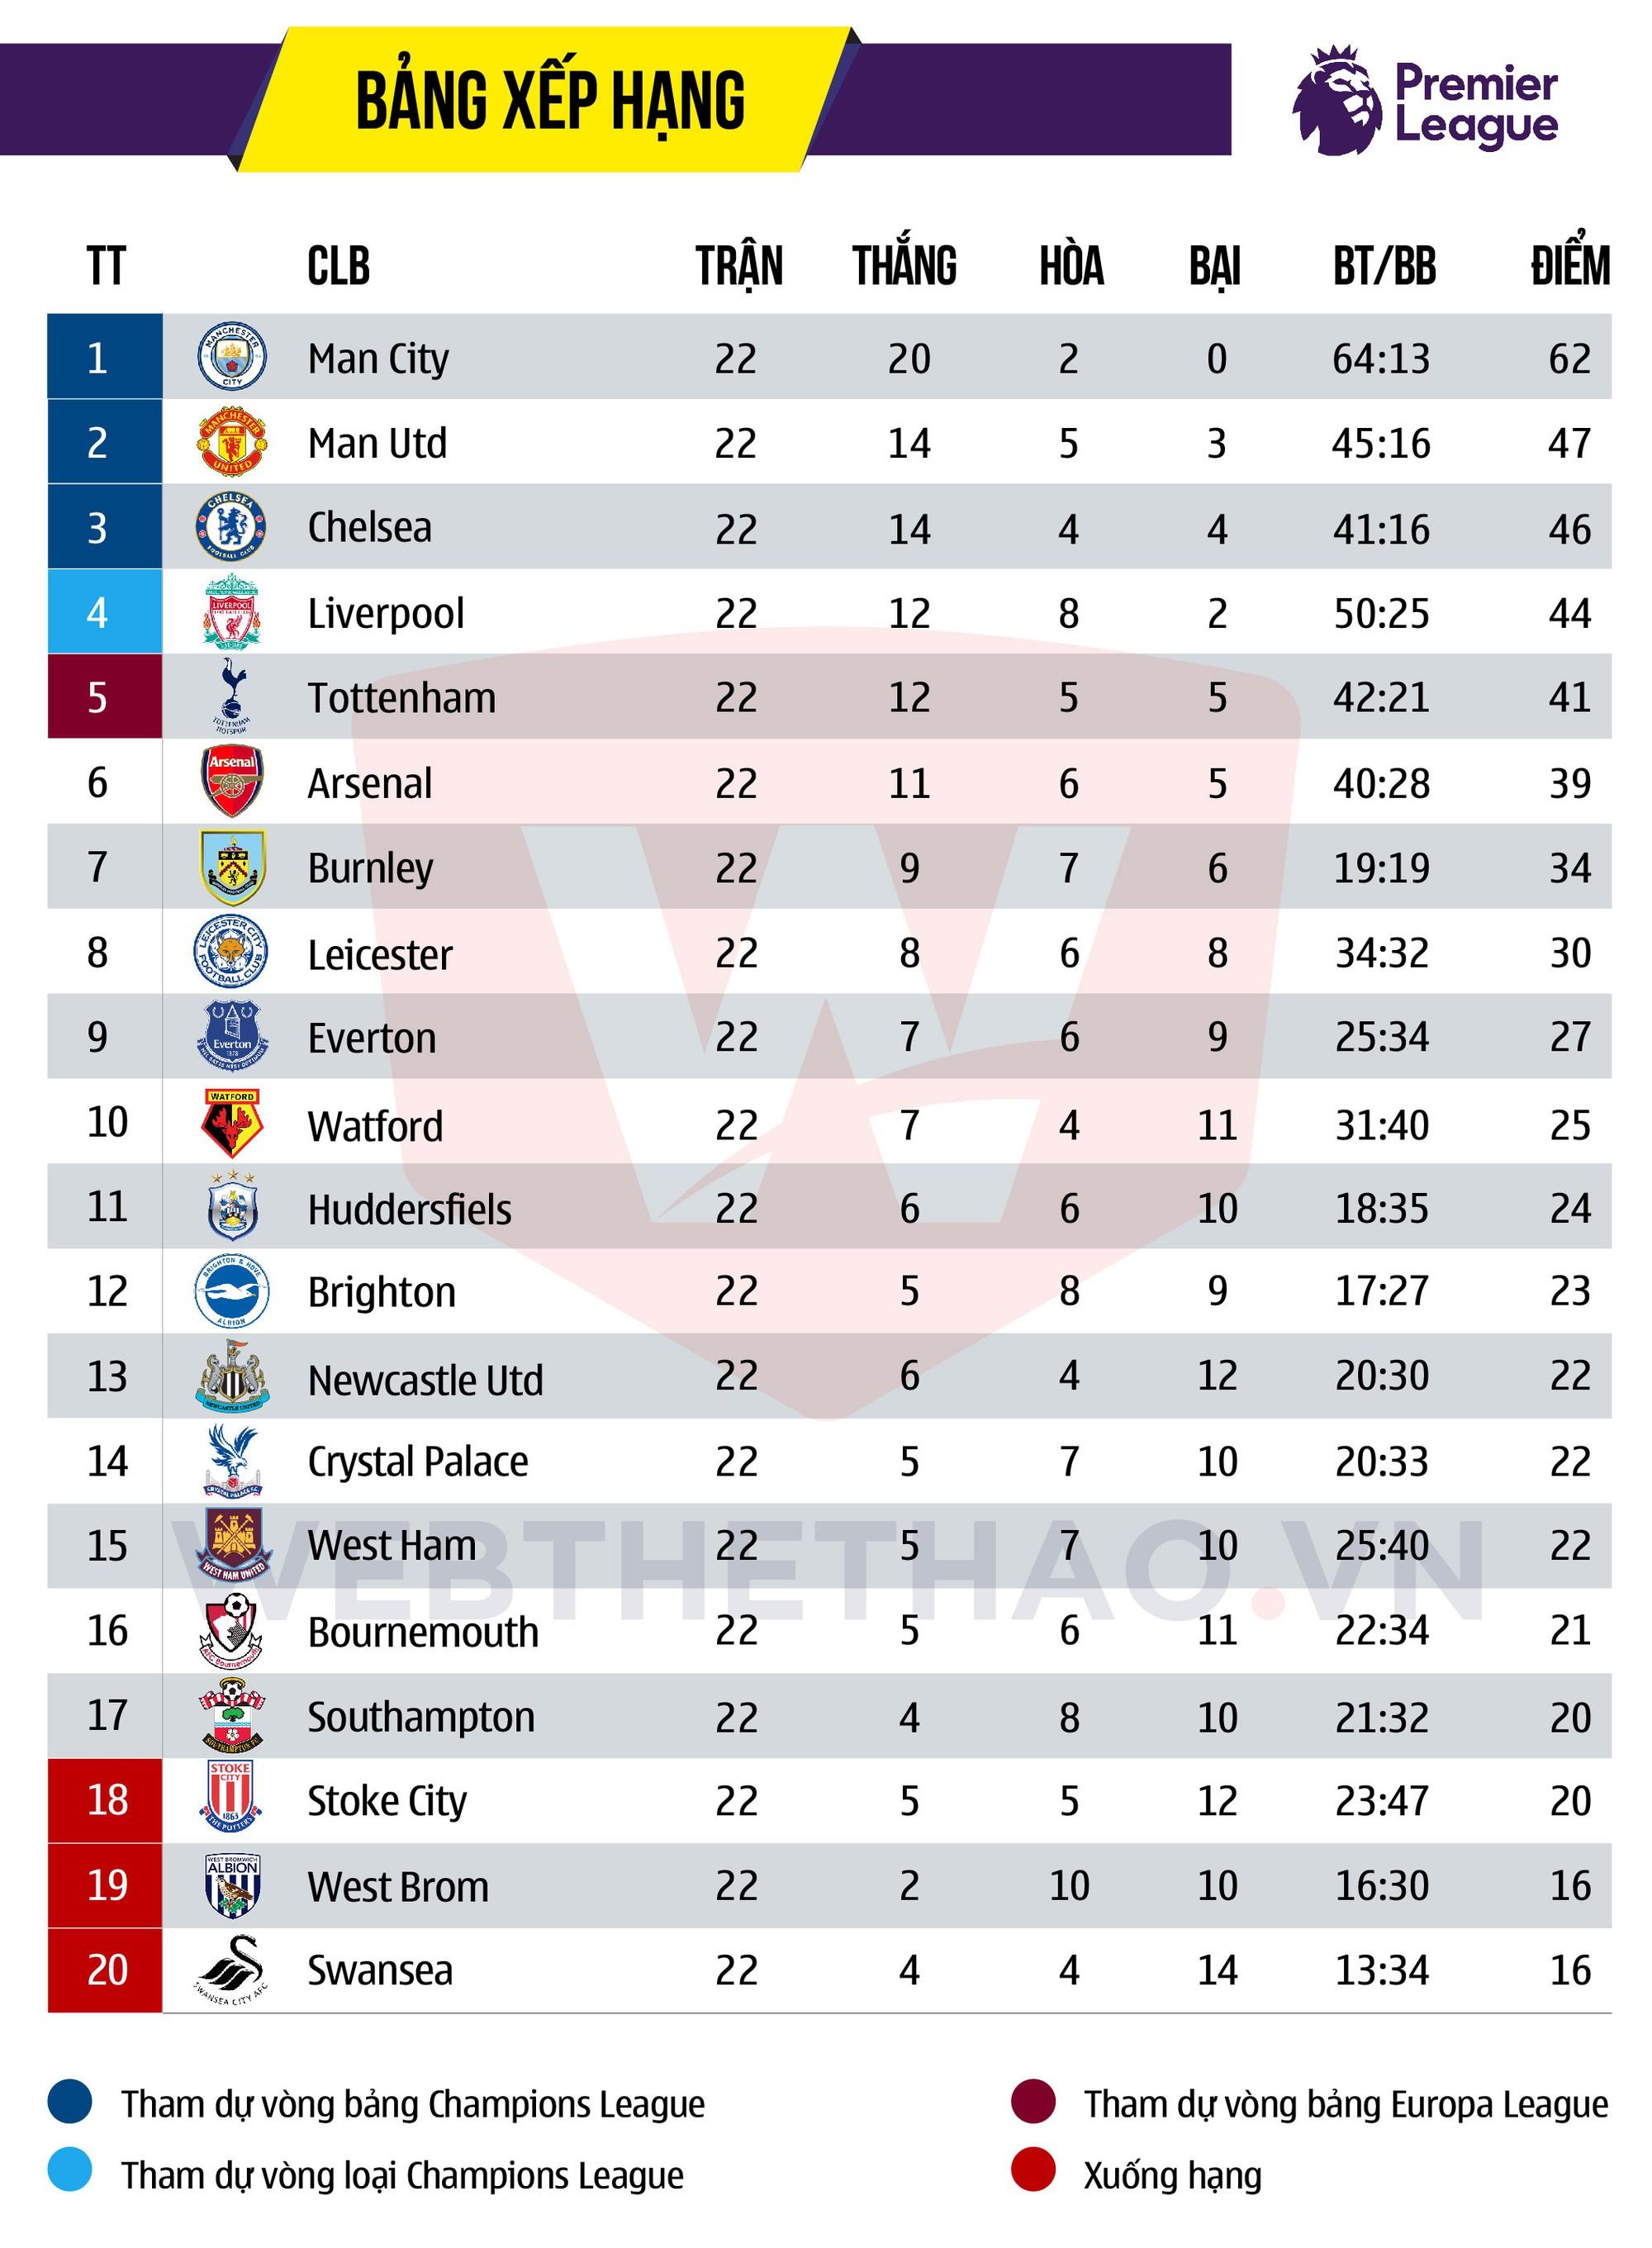 Hình ảnh: Man City đang vững vàng dẫn đầu BXH sẽ phải đối mặt Liverpool đang có phong độ rất cao